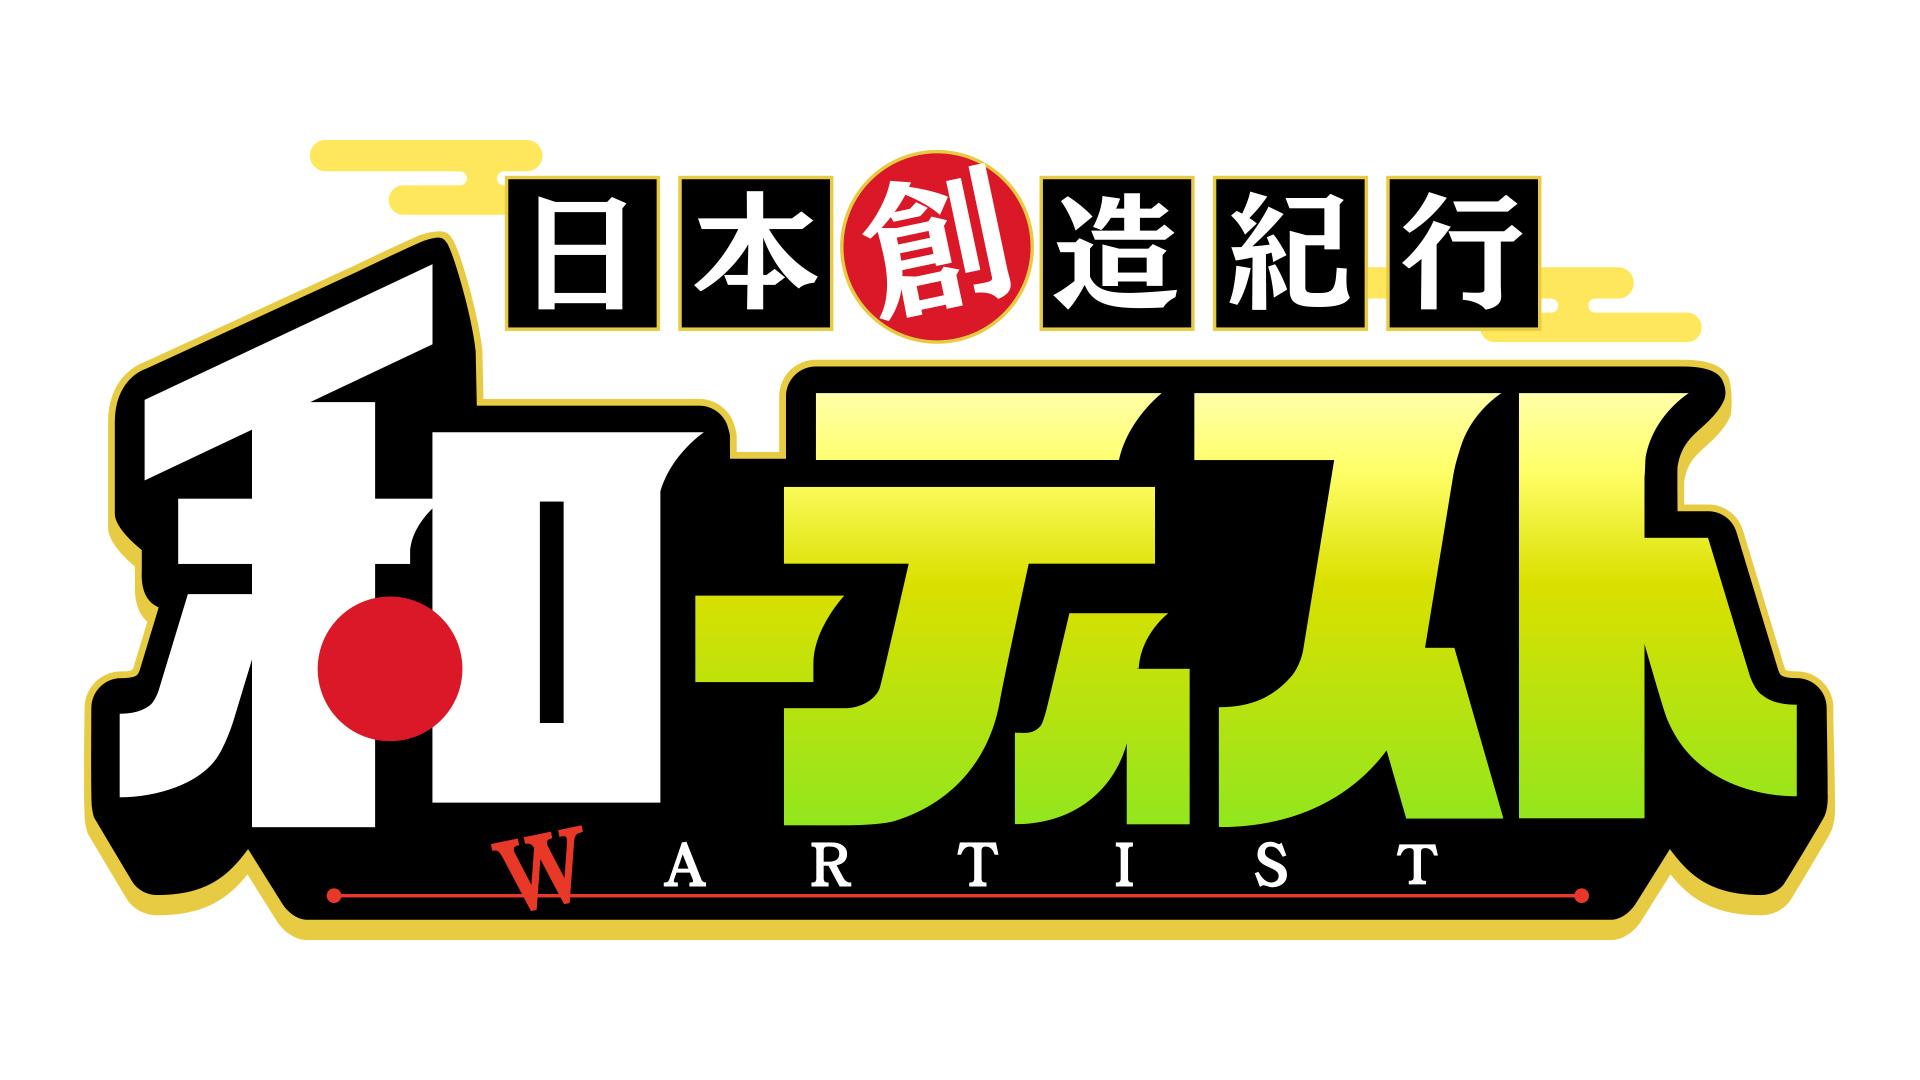 日本創造紀行 和ーティスト